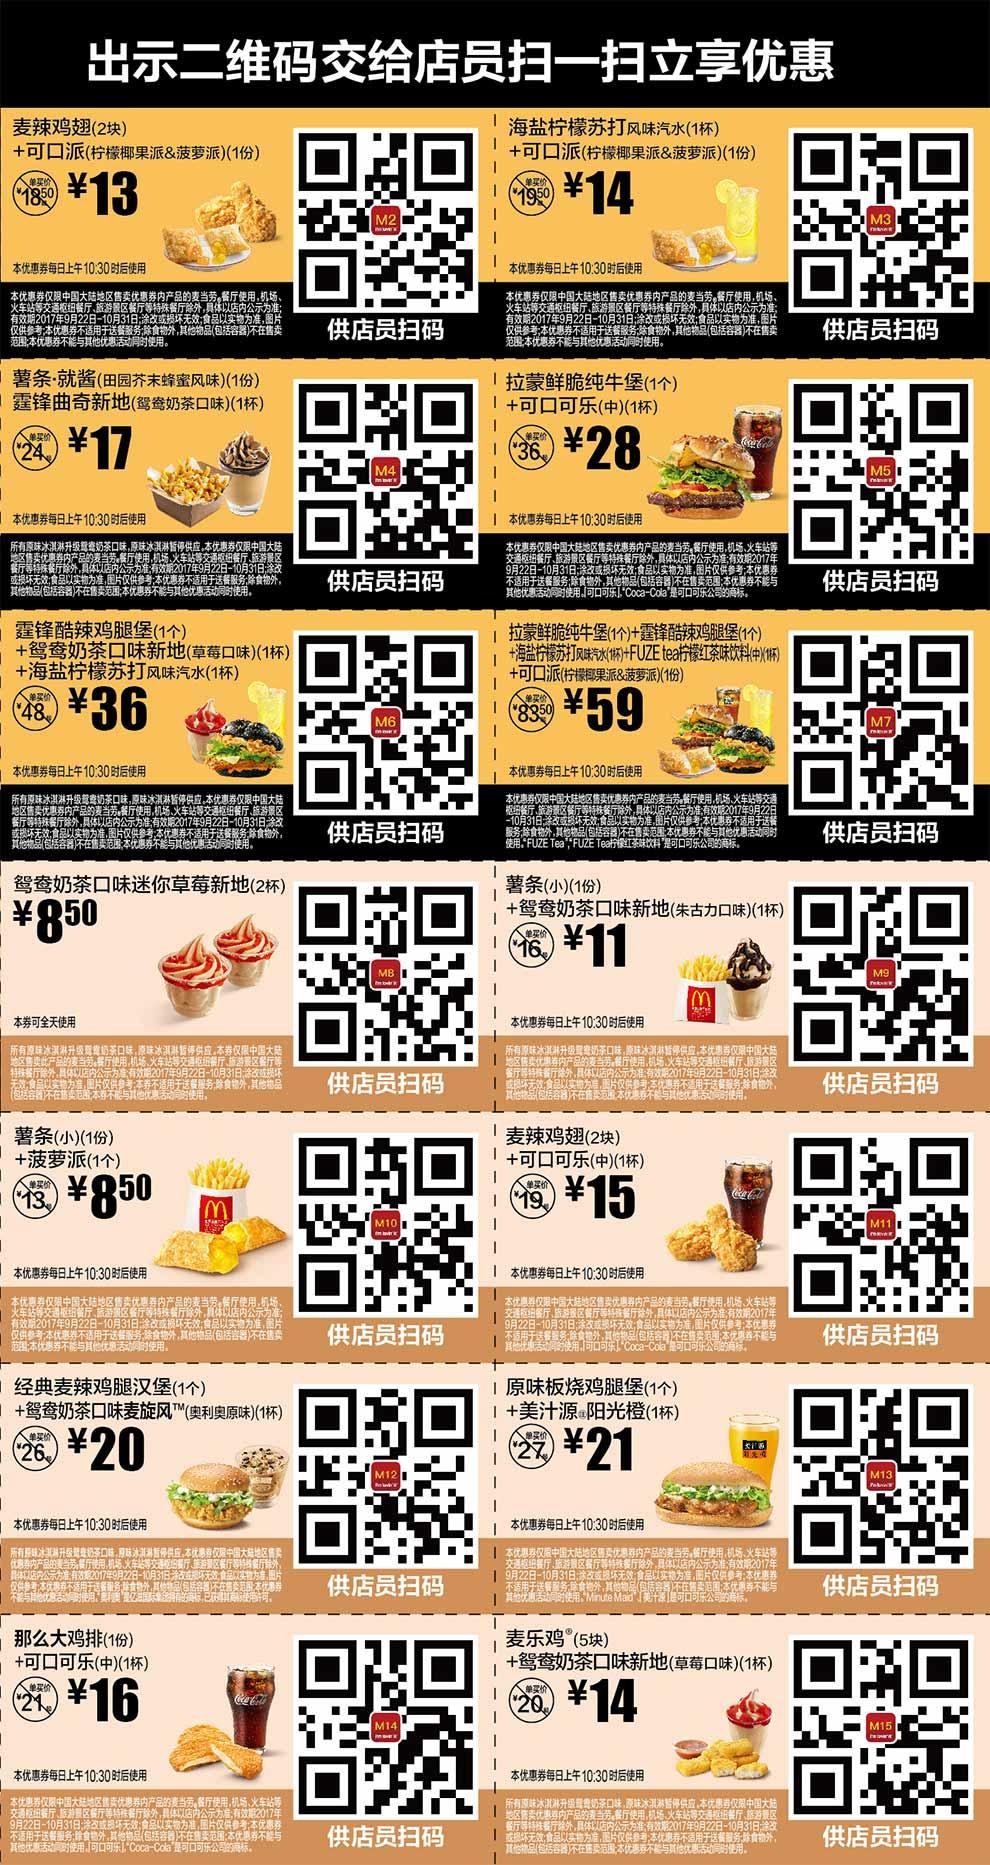 2017年9月10月麦当劳优惠券手机版整张版本,点餐出示给店员扫码享优惠价 有效期至:2017年10月31日 www.5ikfc.com